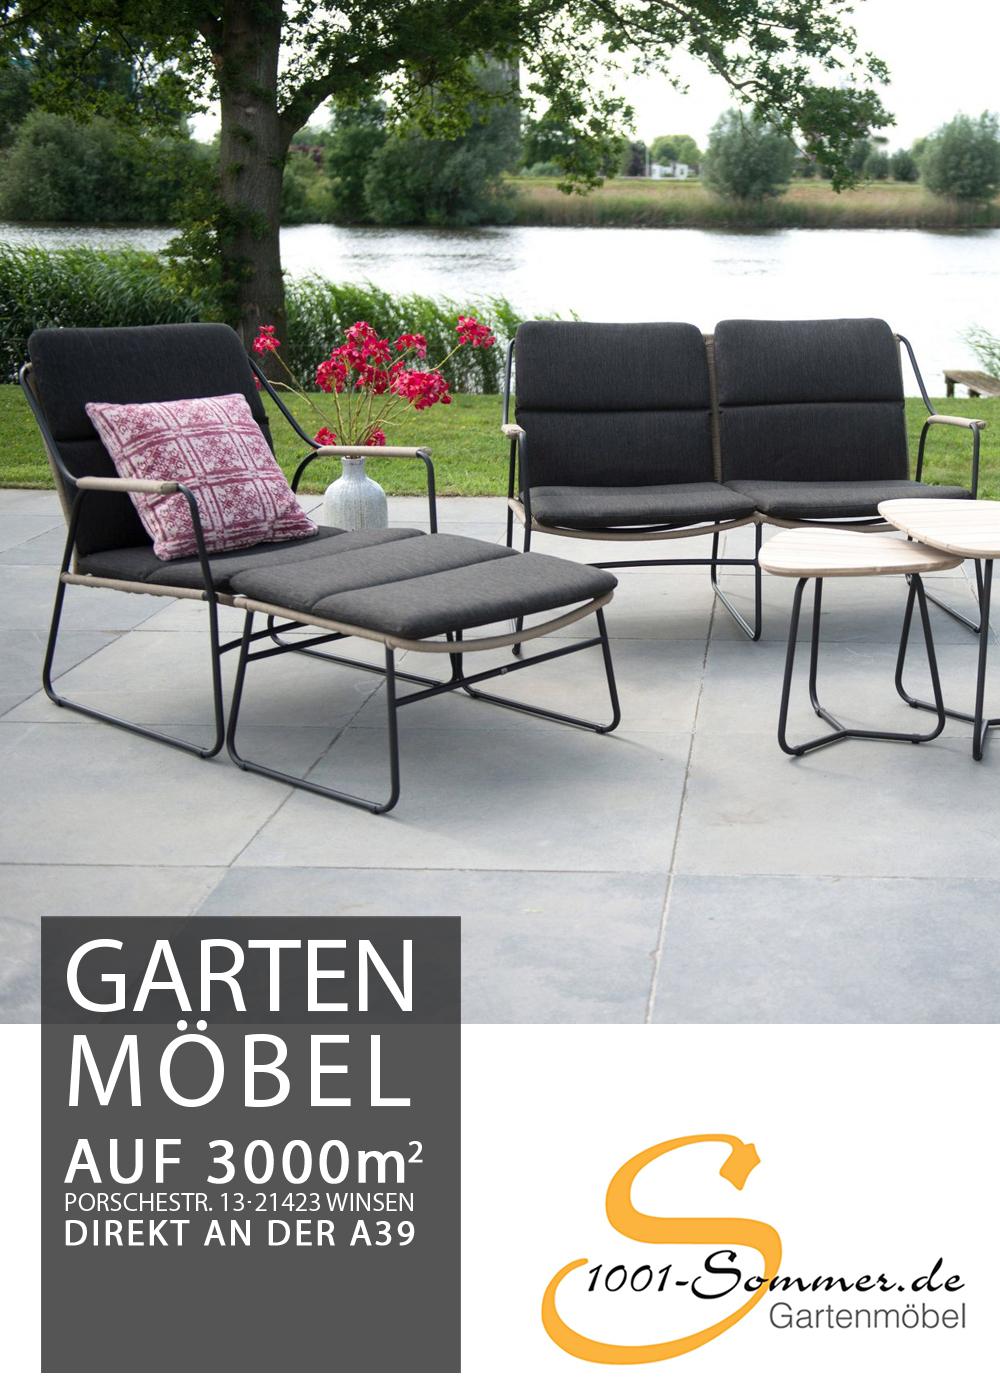 Scandic Lounge Gartenmobel Hochwertiges Design Und Handwerkskunst